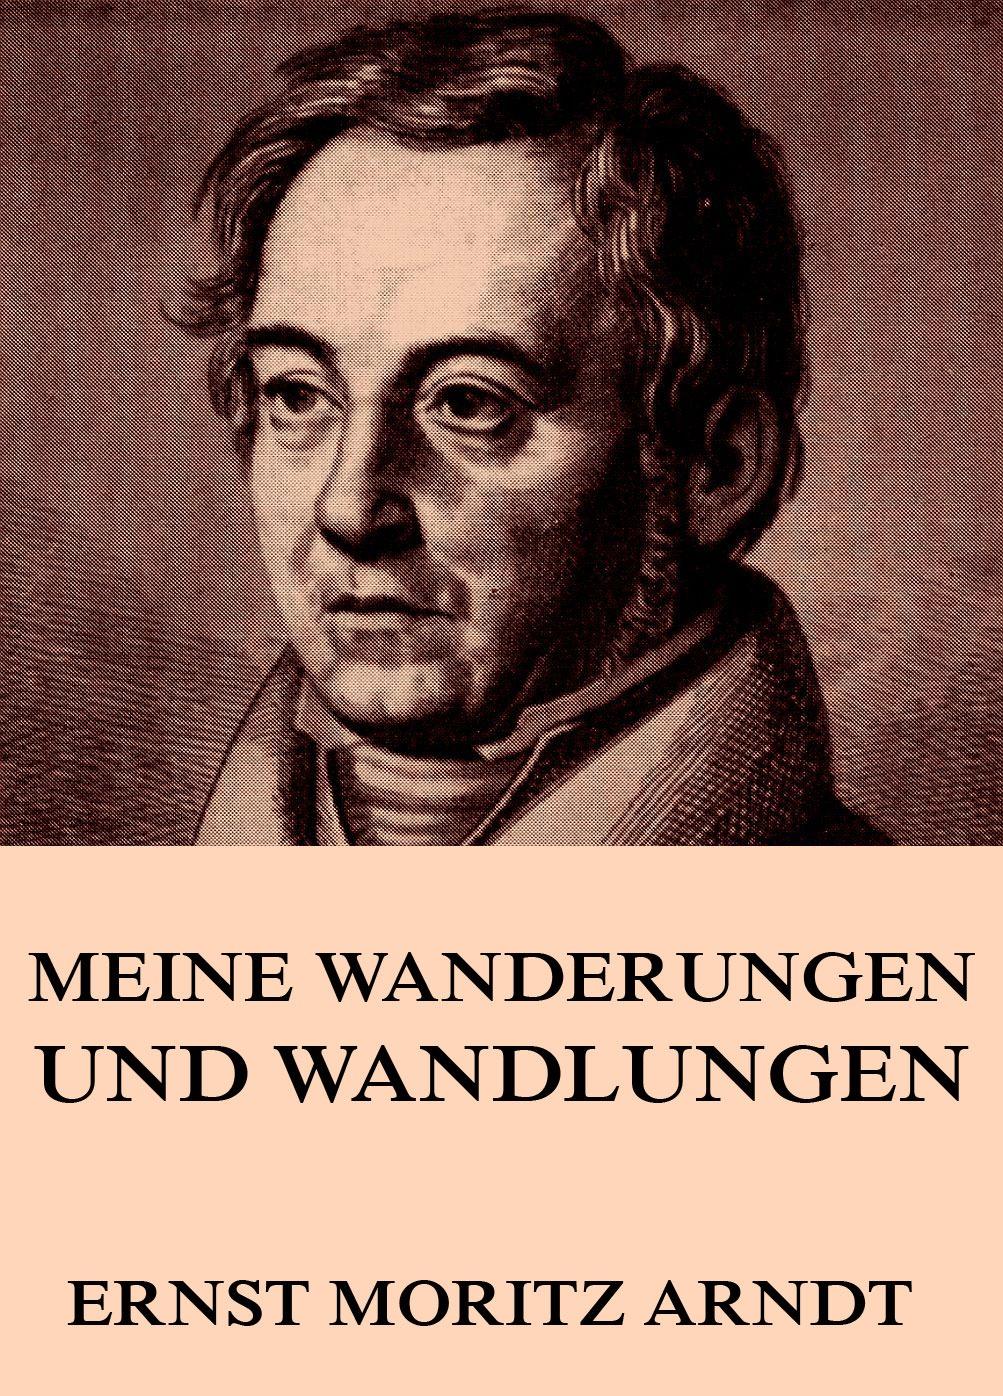 Ernst Moritz Arndt Meine Wanderungen und Wandlungen ernst moritz arndt gedichte